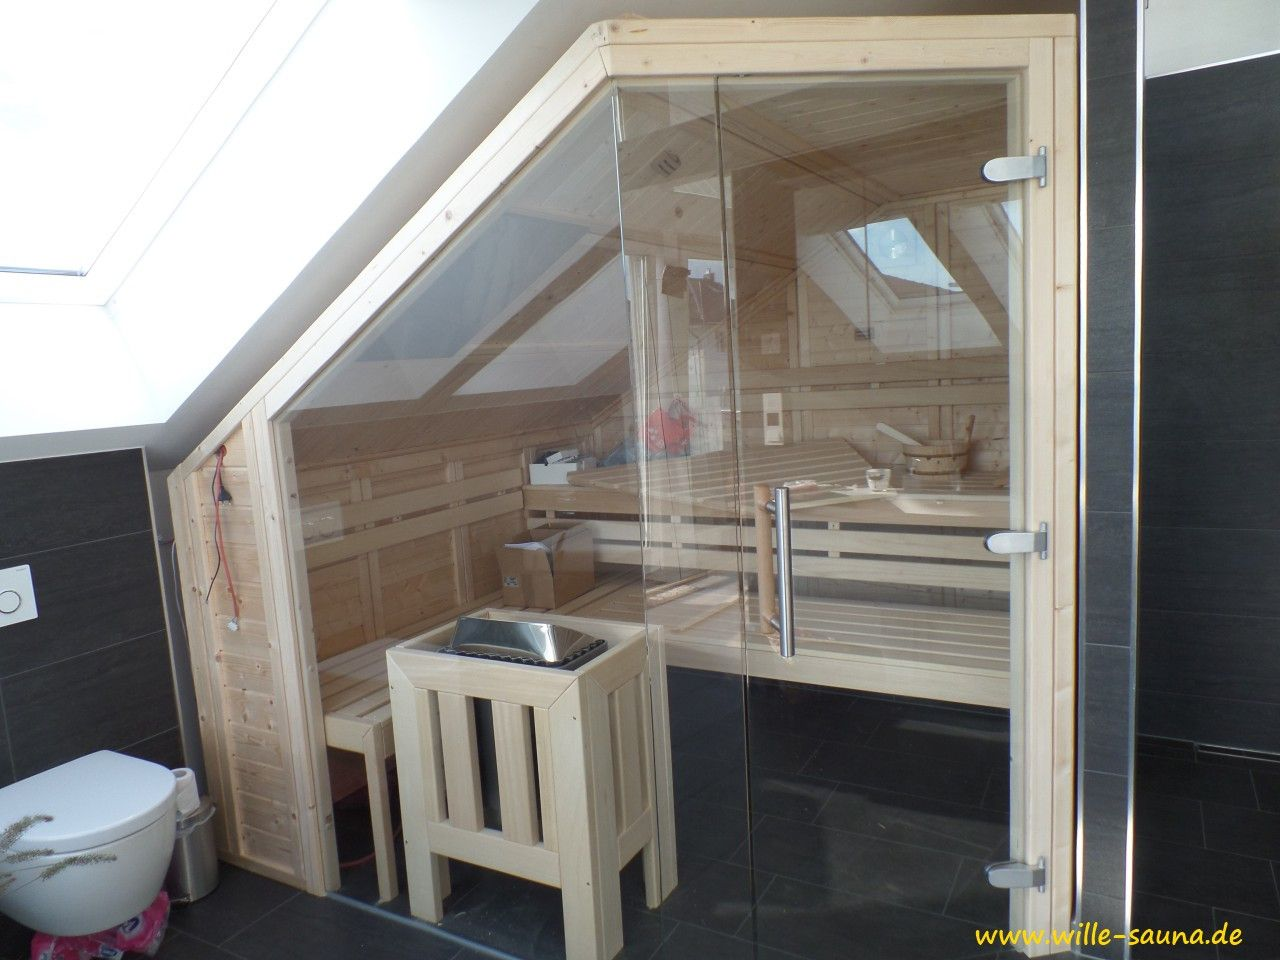 Durchstobern Sie Unsere Galerie Mit Designsaunas Fotos Unserer Kunden Wille Designsaunas Hochwertige D Badezimmer Dachschrage Diy Sauna Badezimmer Mit Sauna